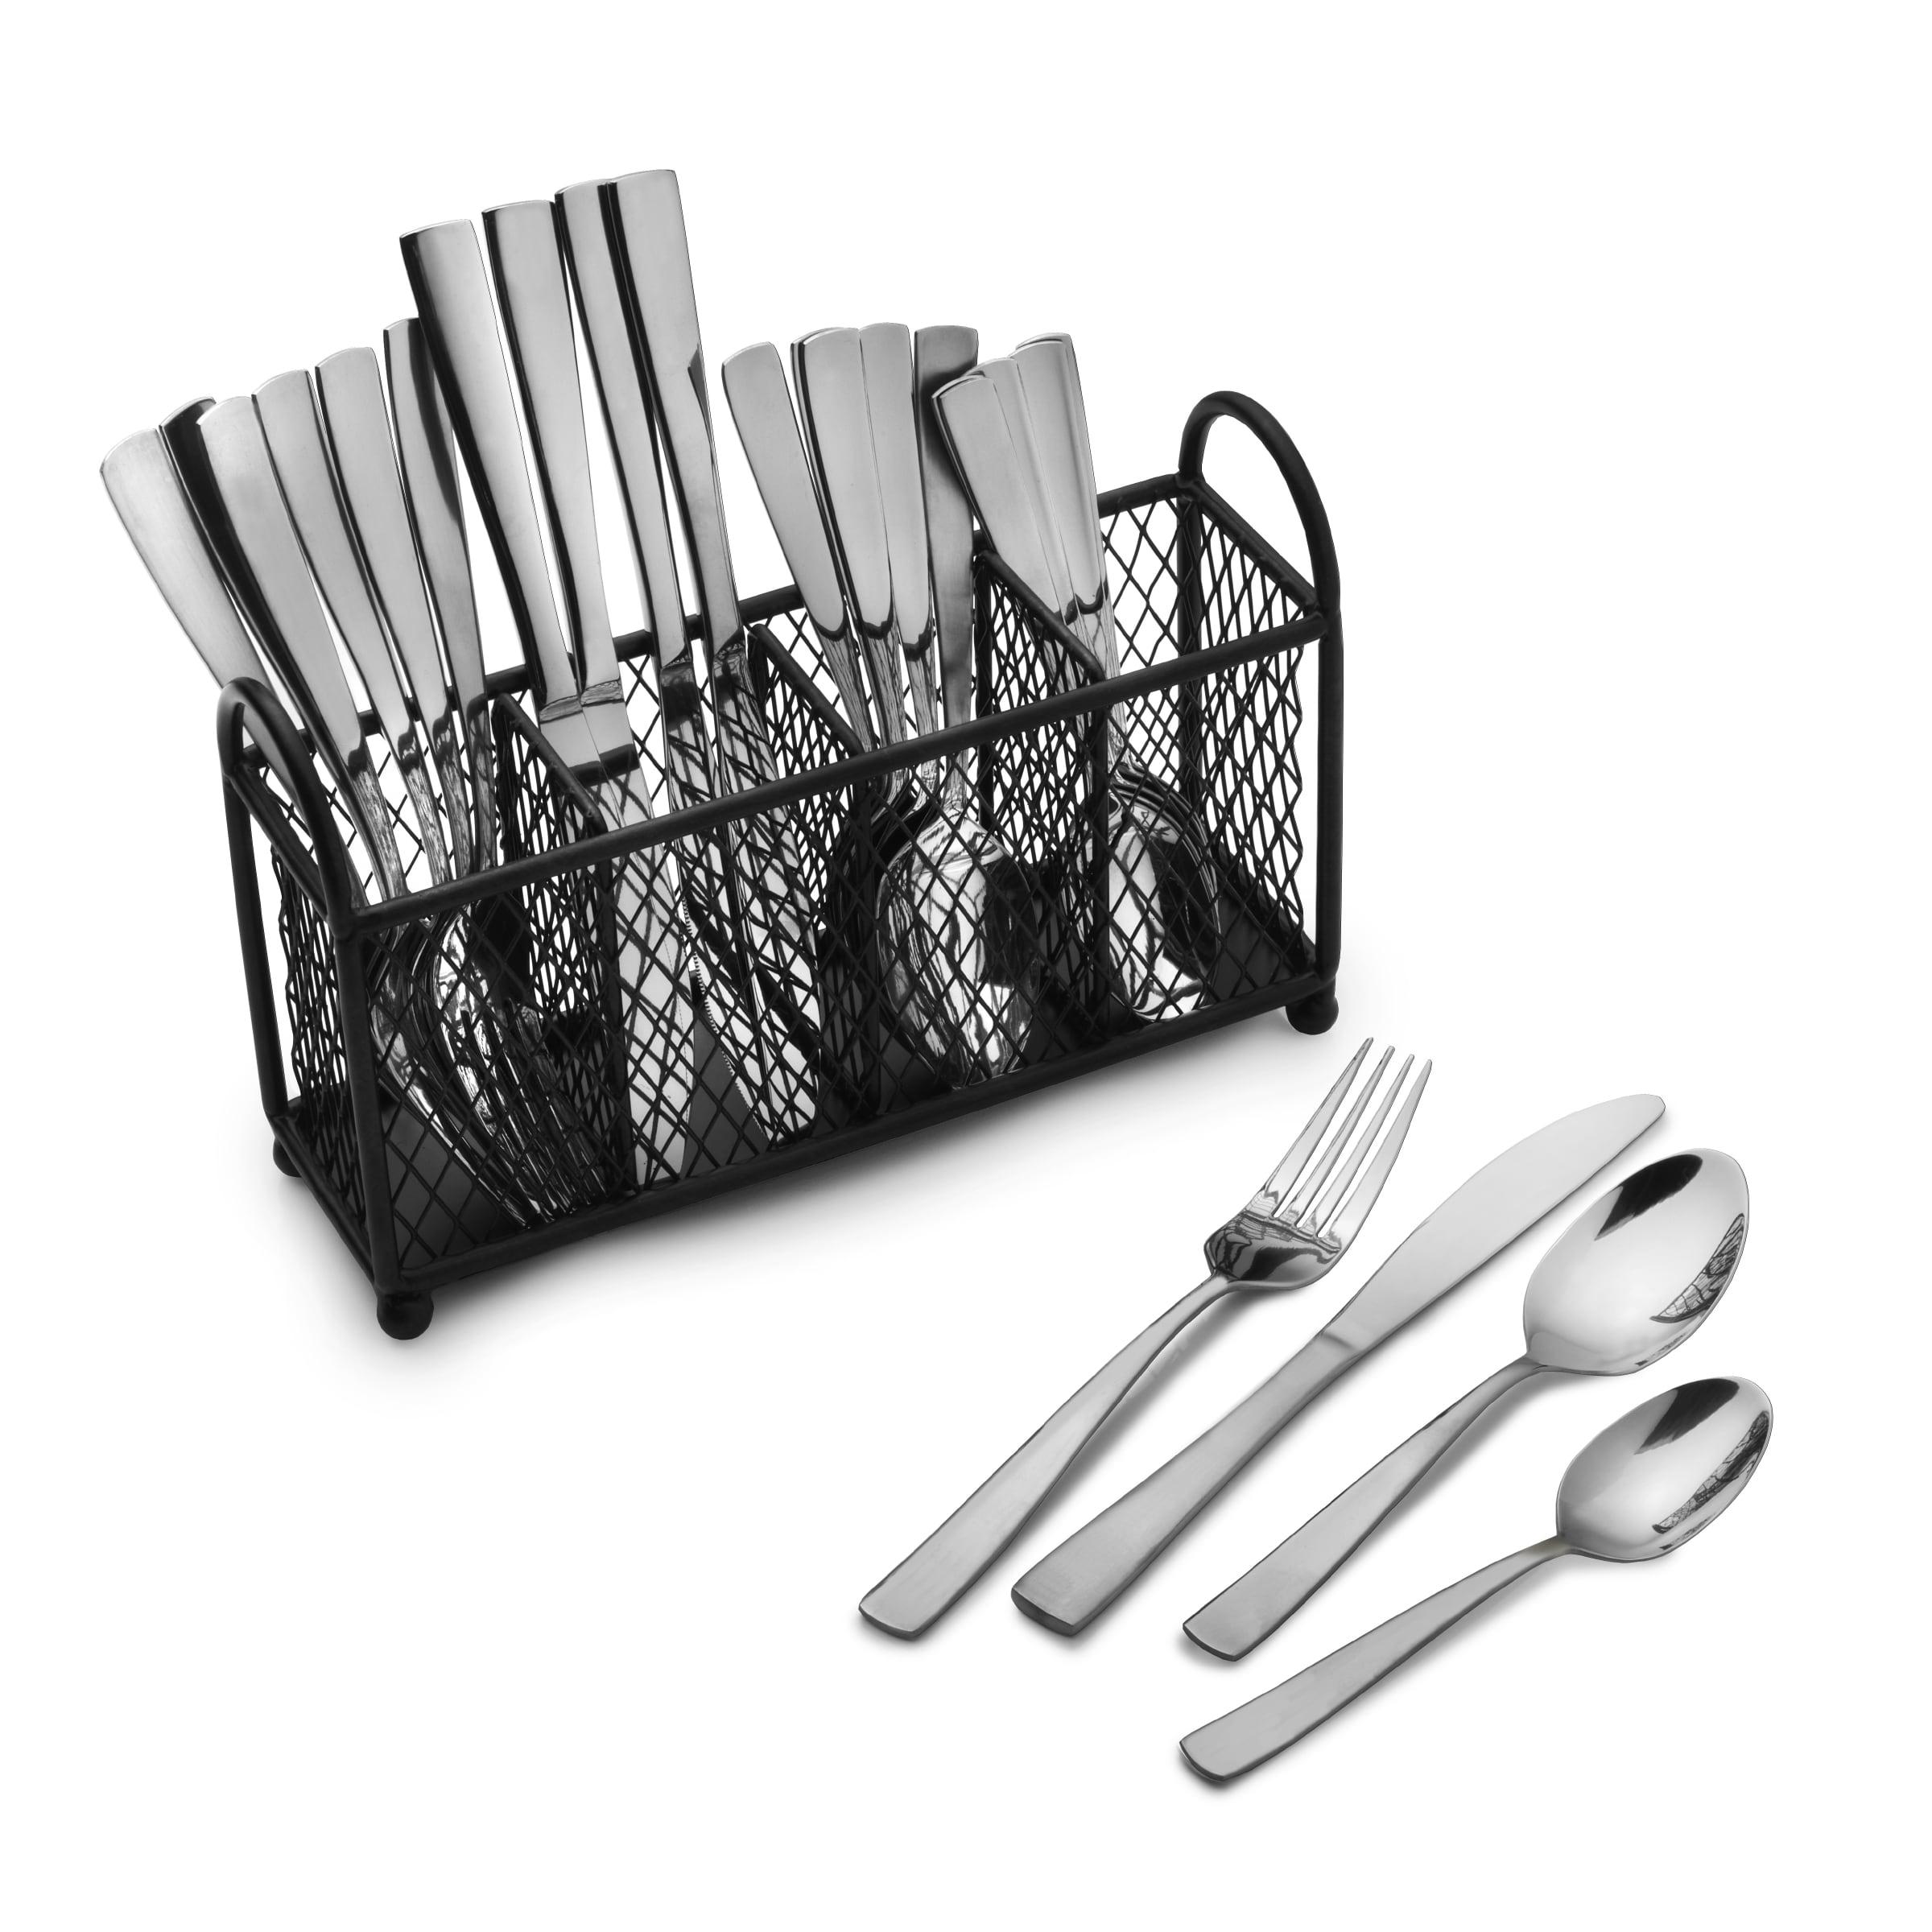 Shop Pfaltzgraff Satin Danford 24-piece Stainless Steel Flatware Set ...